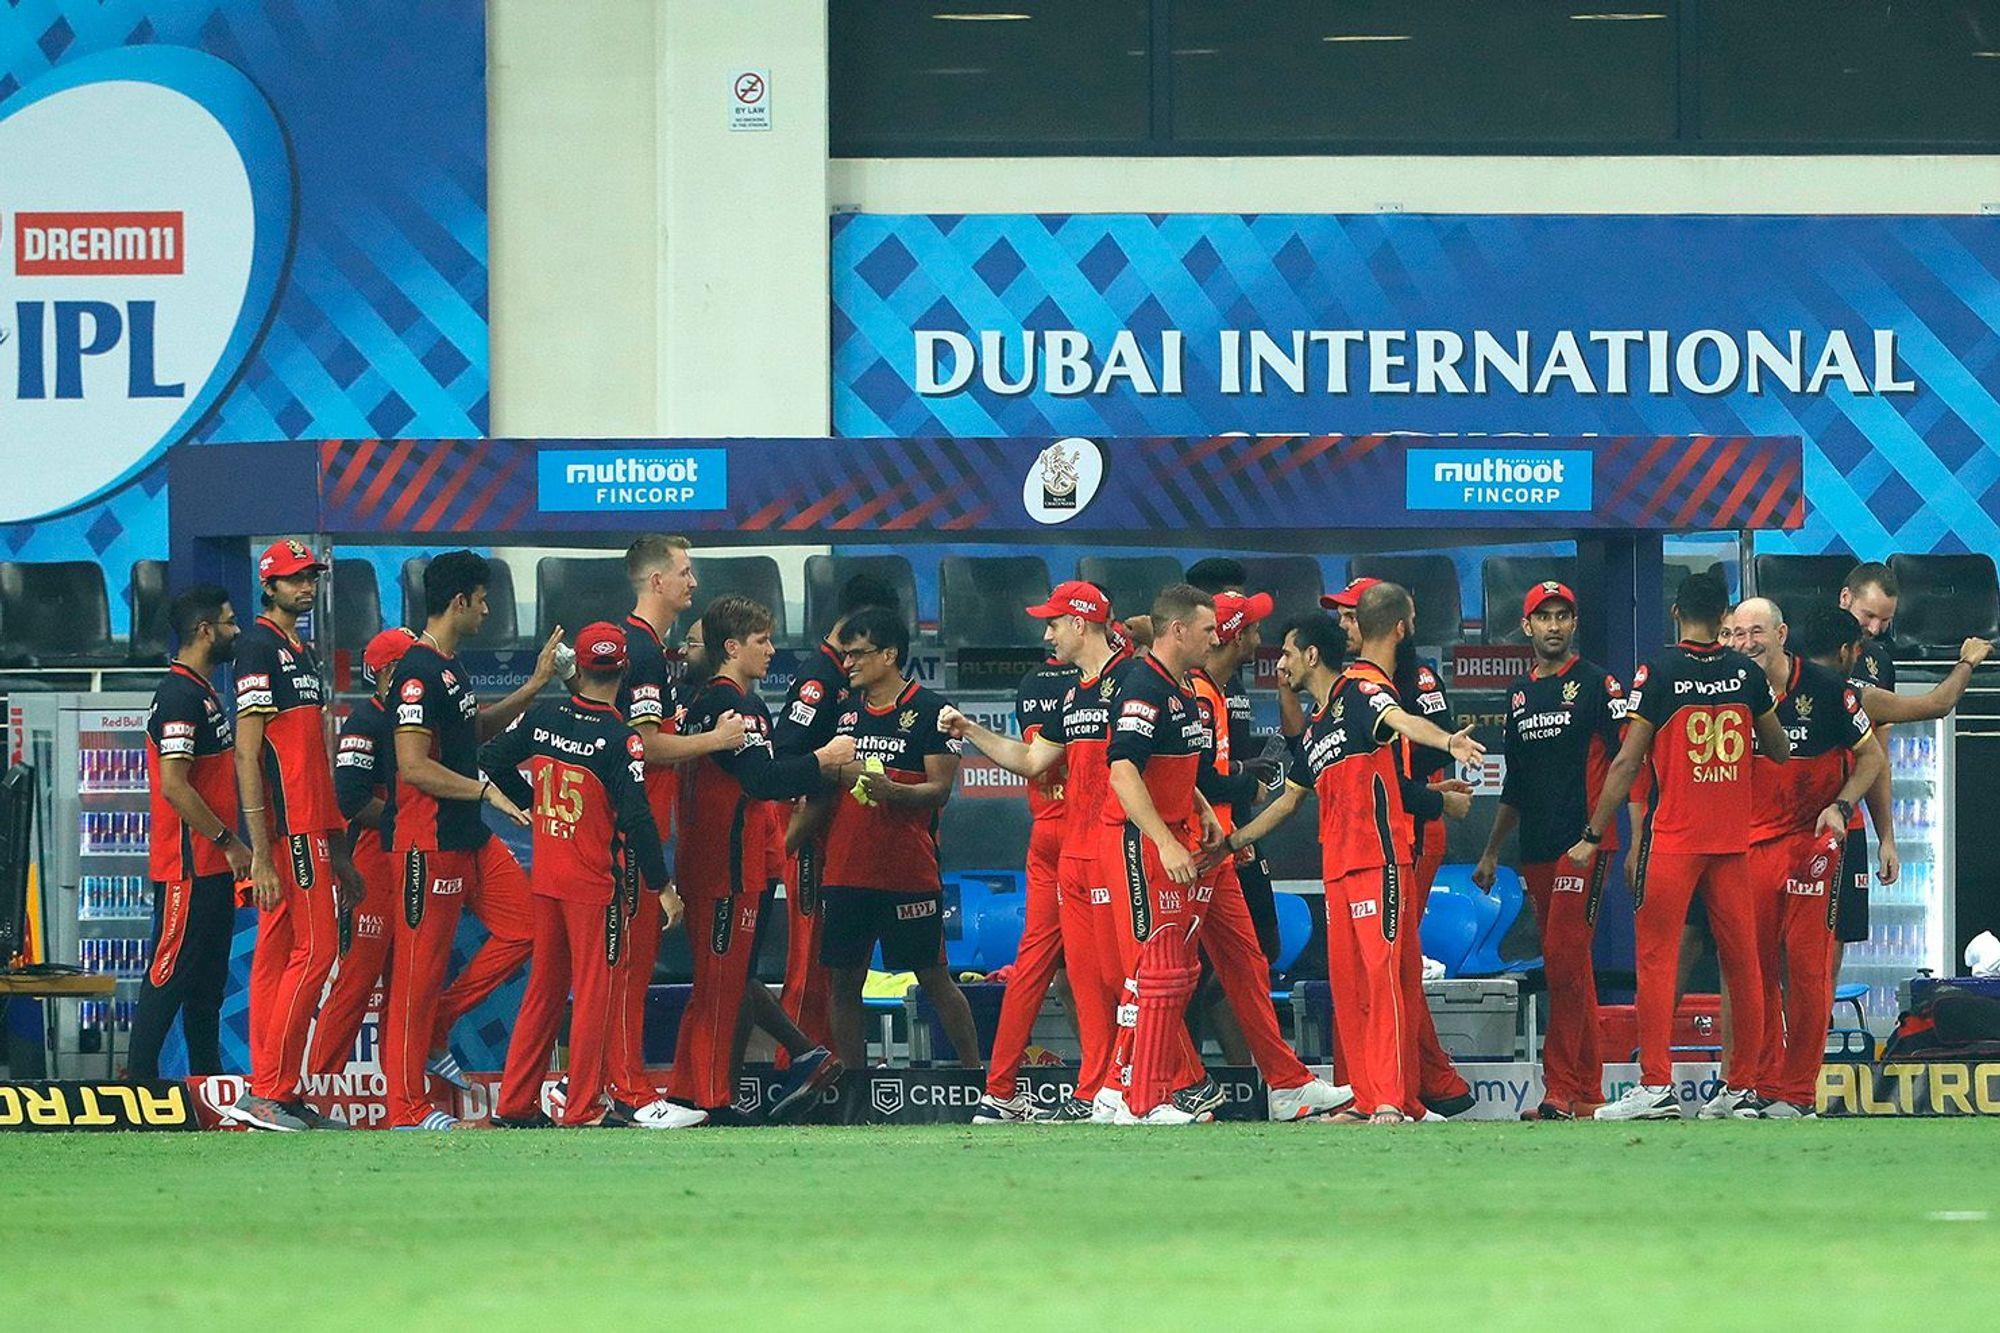 मुंबई और बेंगलुरु के मैच को लेकर पूर्व भारतीय ओपनर्स का ट्वीट; सचिन ने लिखा- अविश्वसनीय, सहवाग ने लिखा- आईपीएल, 2020 का सबसे अच्छा गिफ्ट स्पोर्ट्स,Sports - Dainik Bhaskar